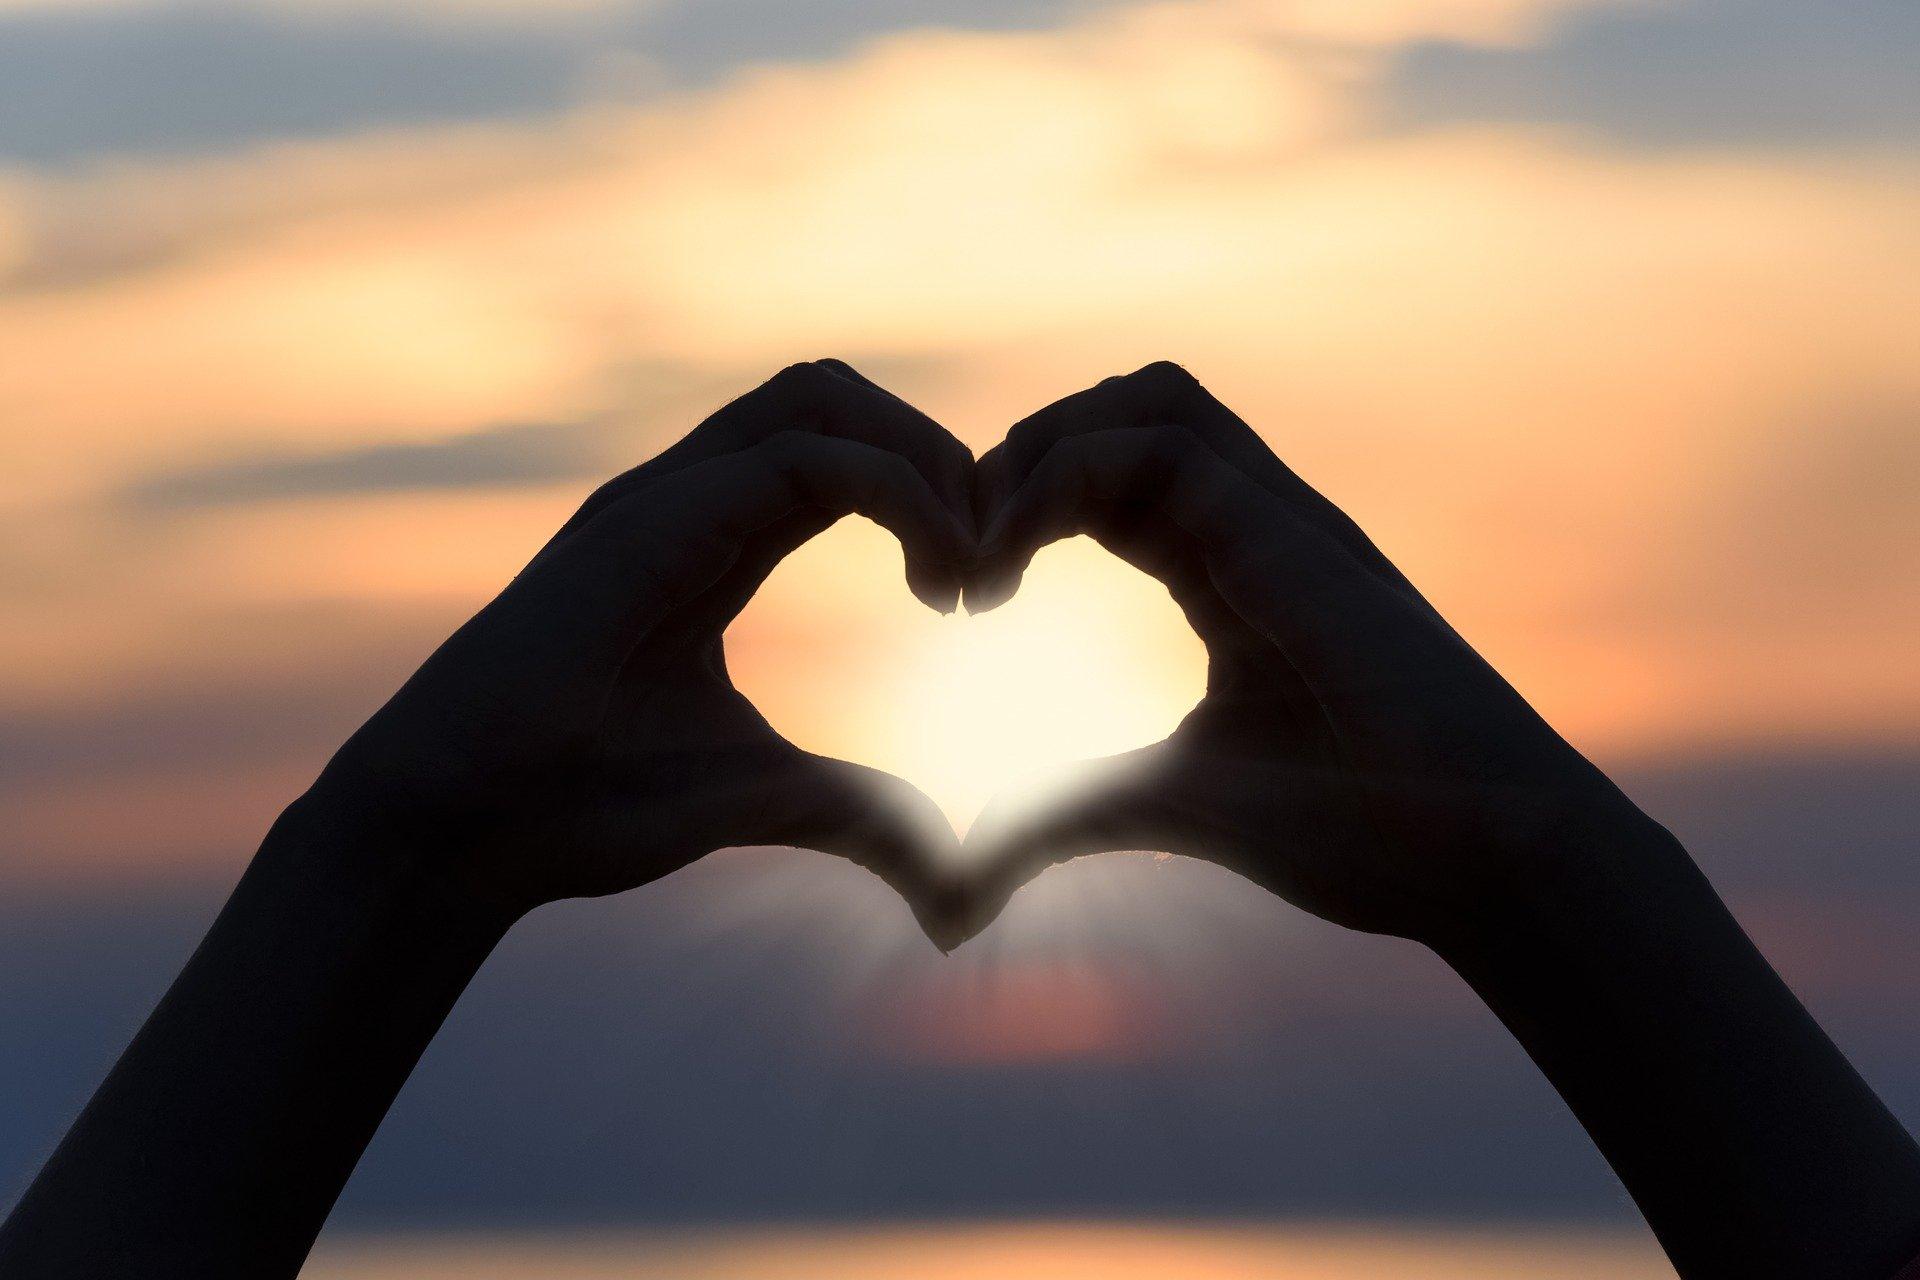 heart shape made of hands